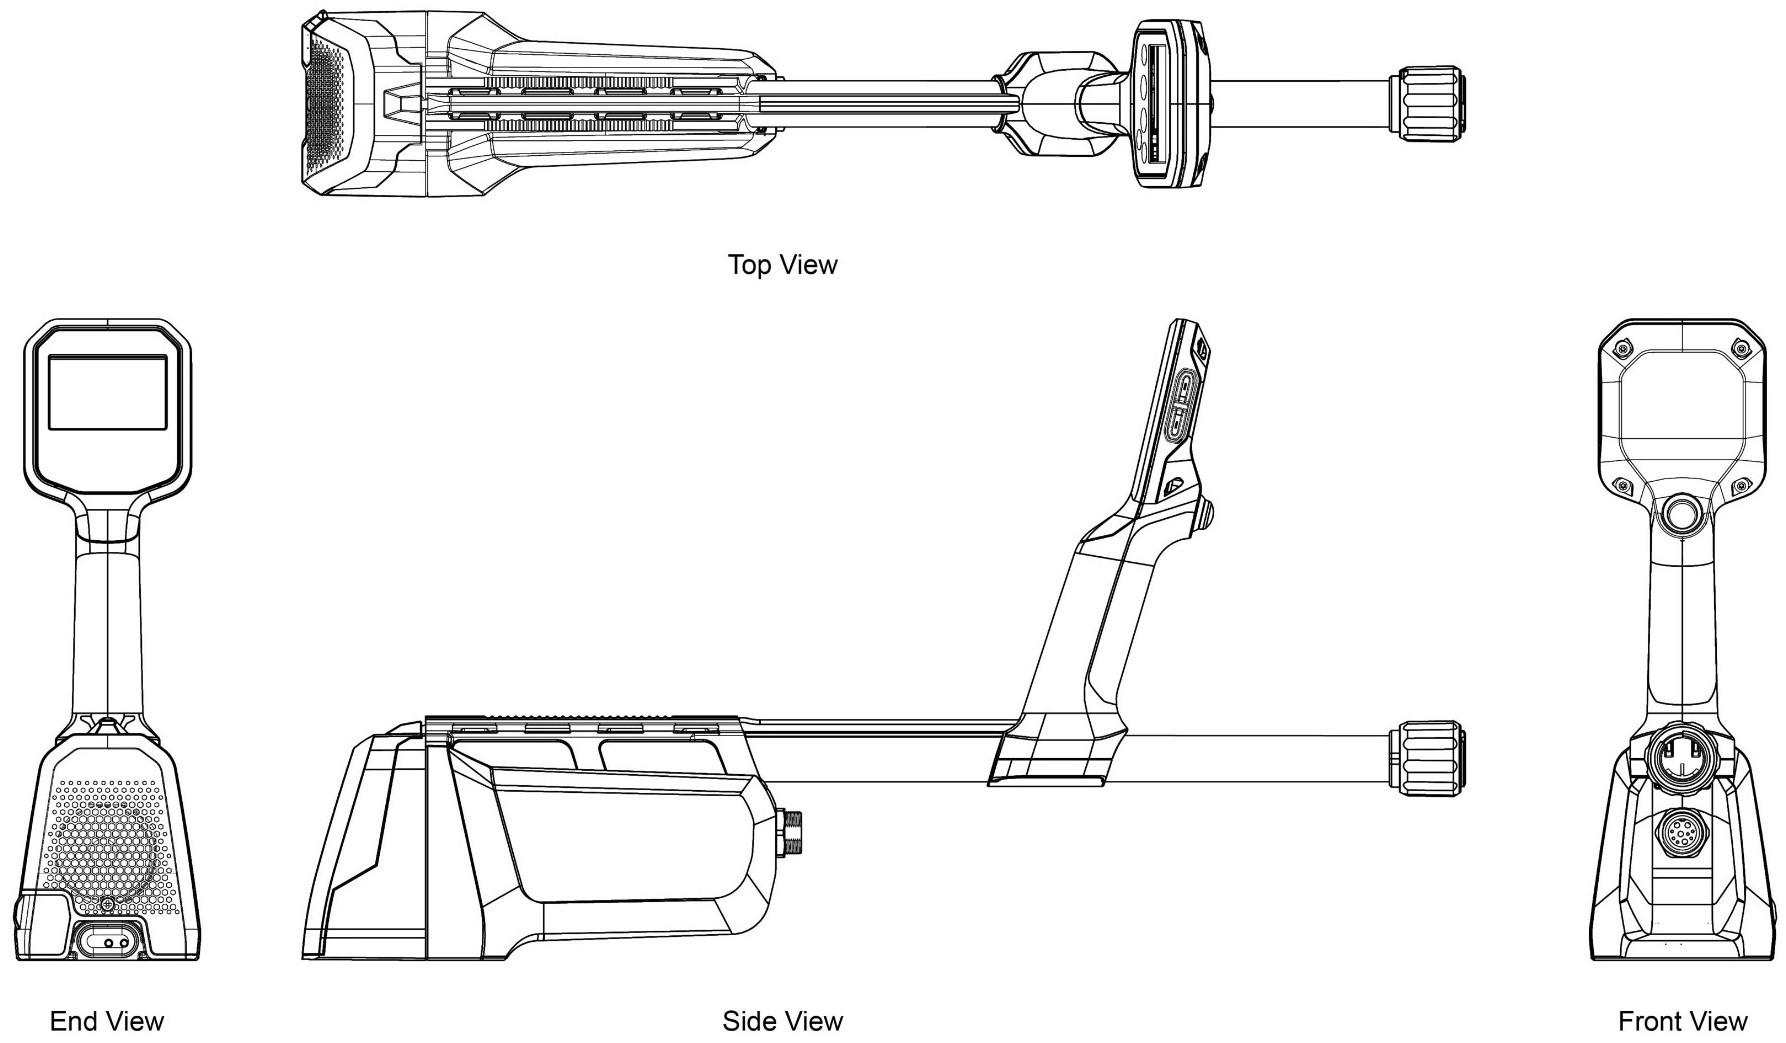 minelab-gpx-6000-engineering-diagrams.jpg